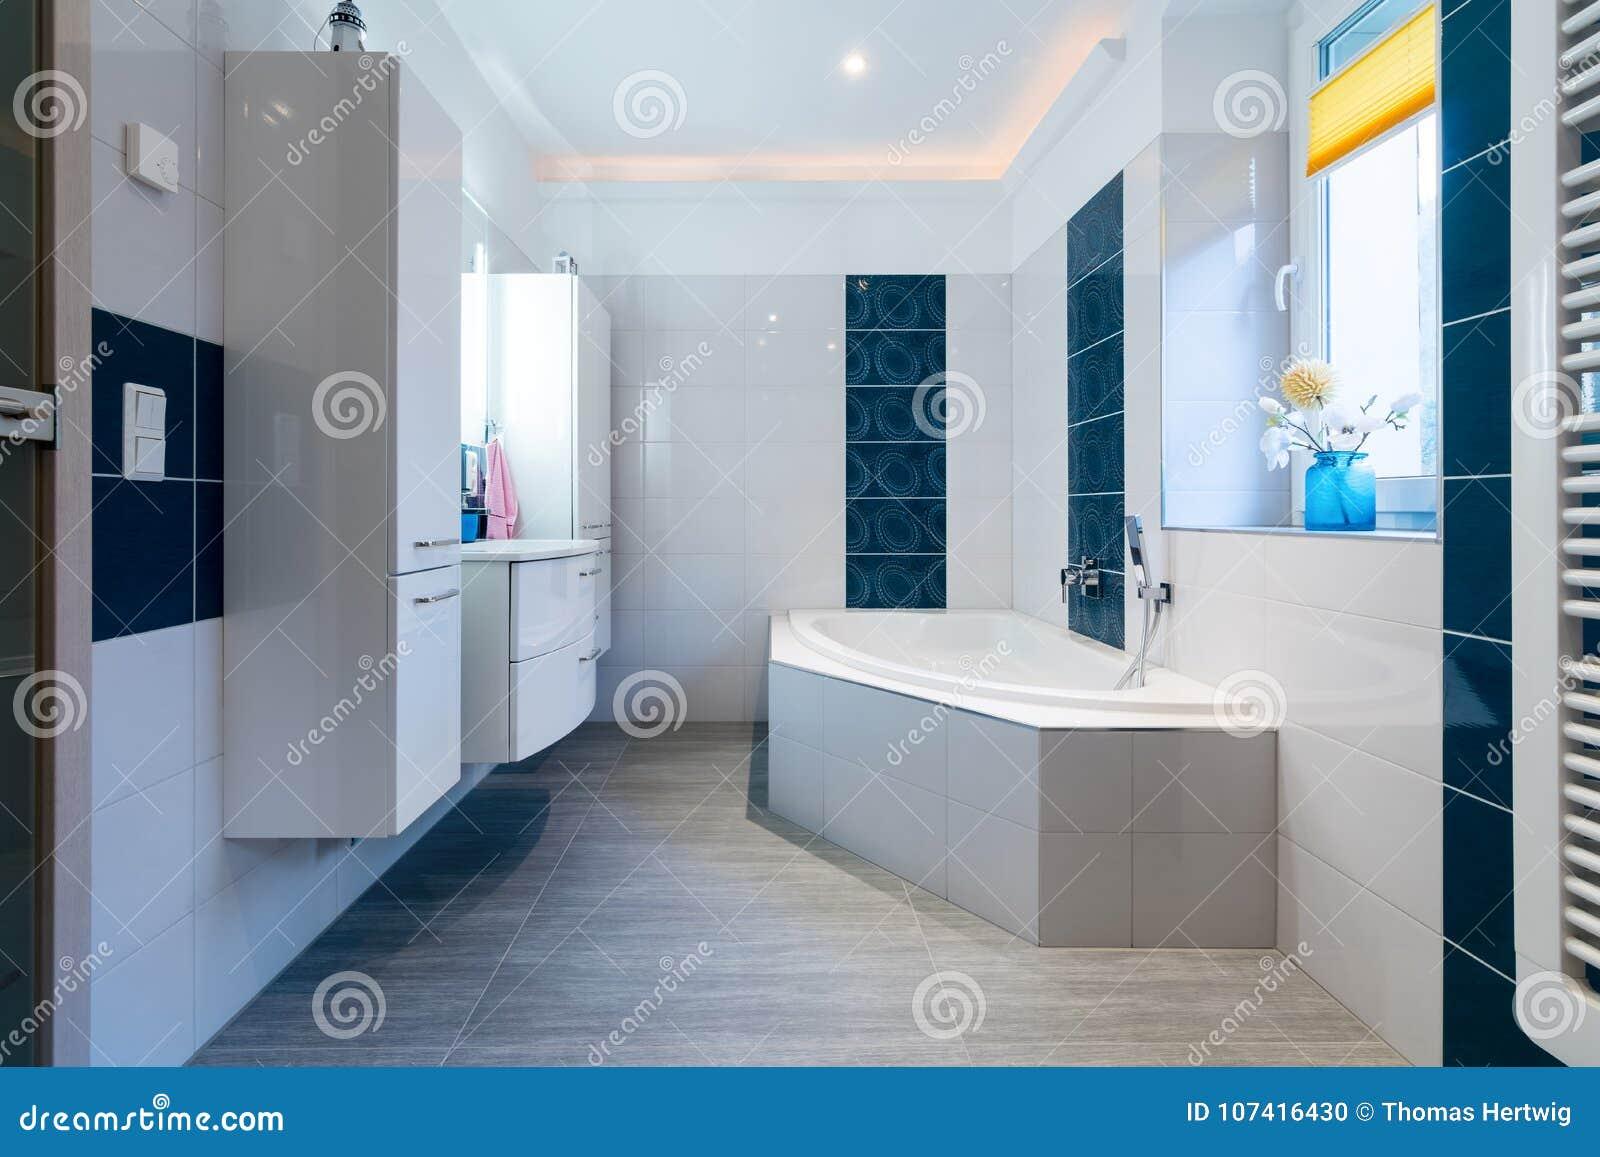 Bagno moderno mattonelle bianche e blu lucide riscaldamento